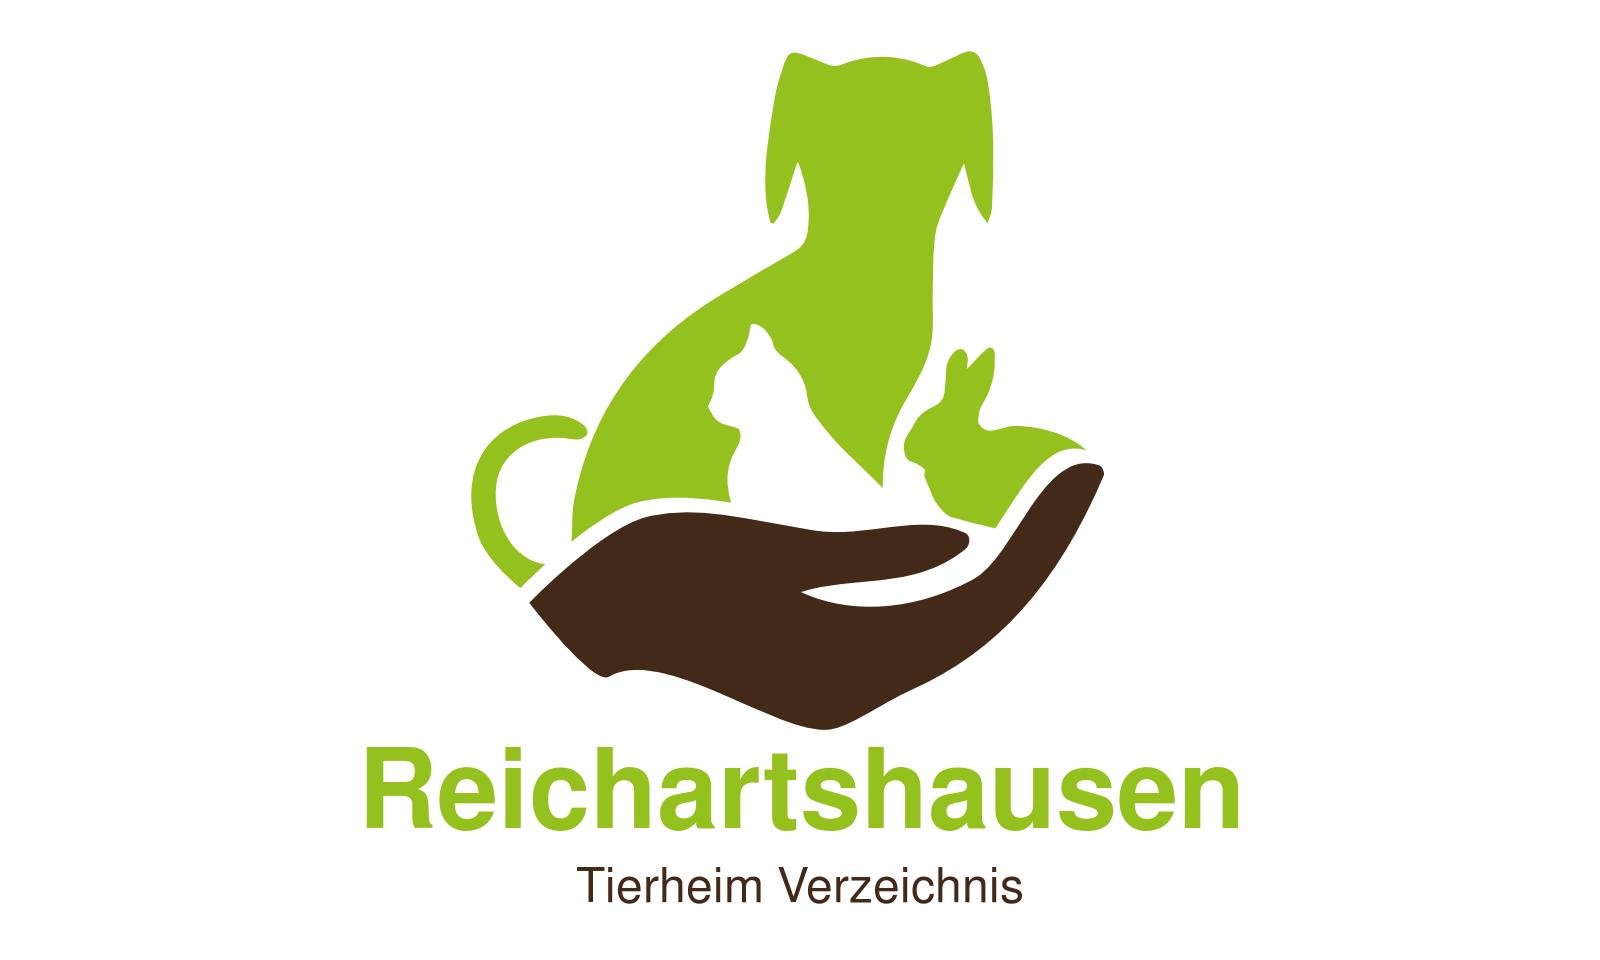 Tierheim Reichartshausen